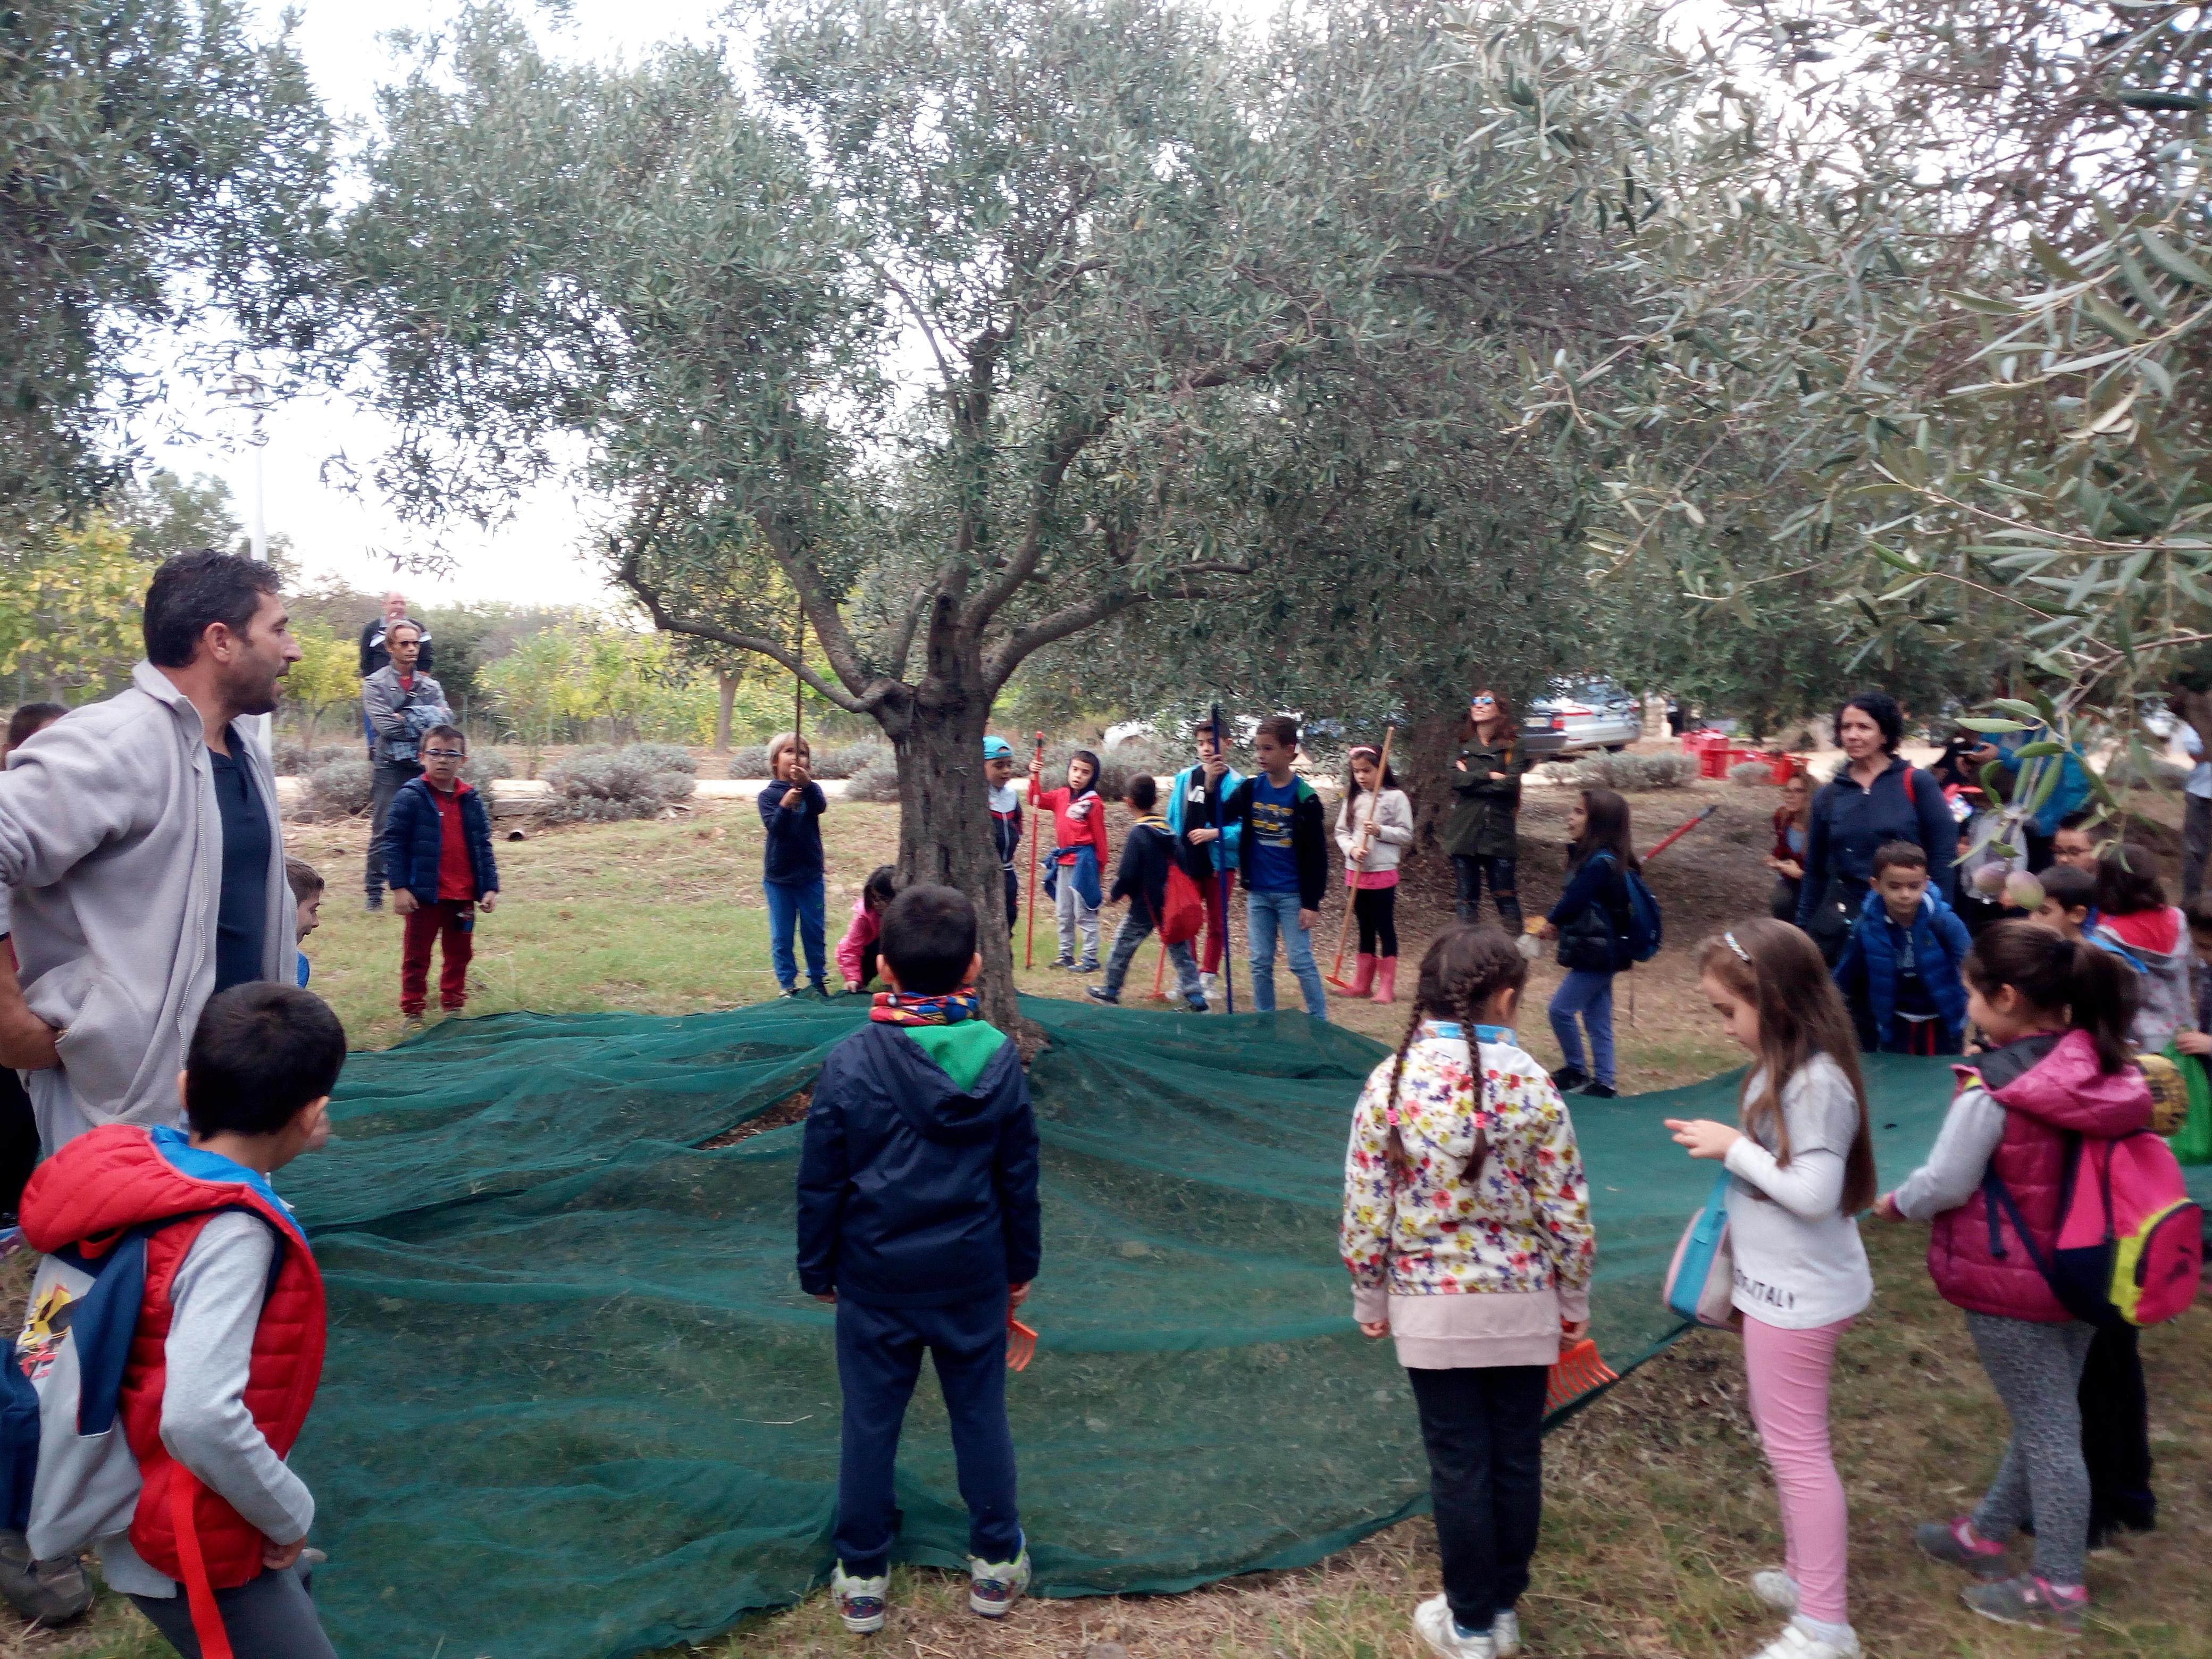 Visita didattica presso l'azienda olivicola e frantoio TALLORU